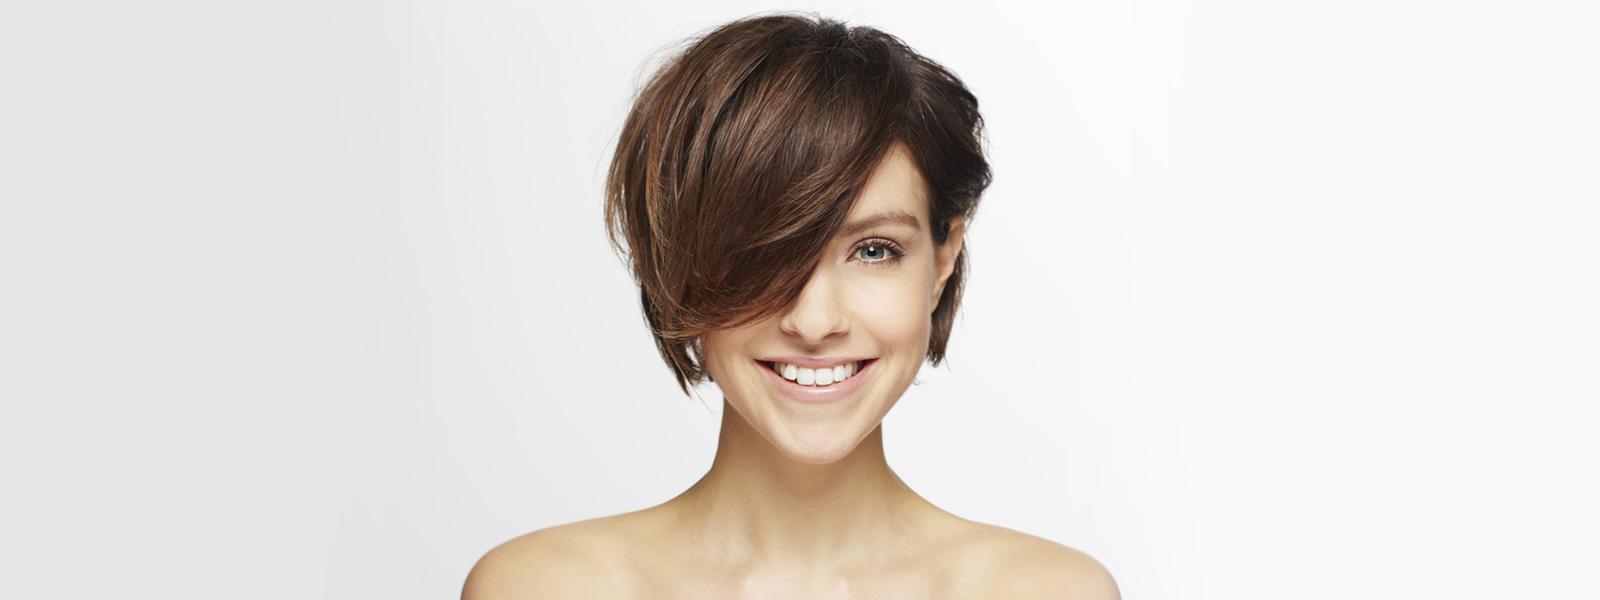 femme aux cheveux courts bruns avec une frange qui sourit